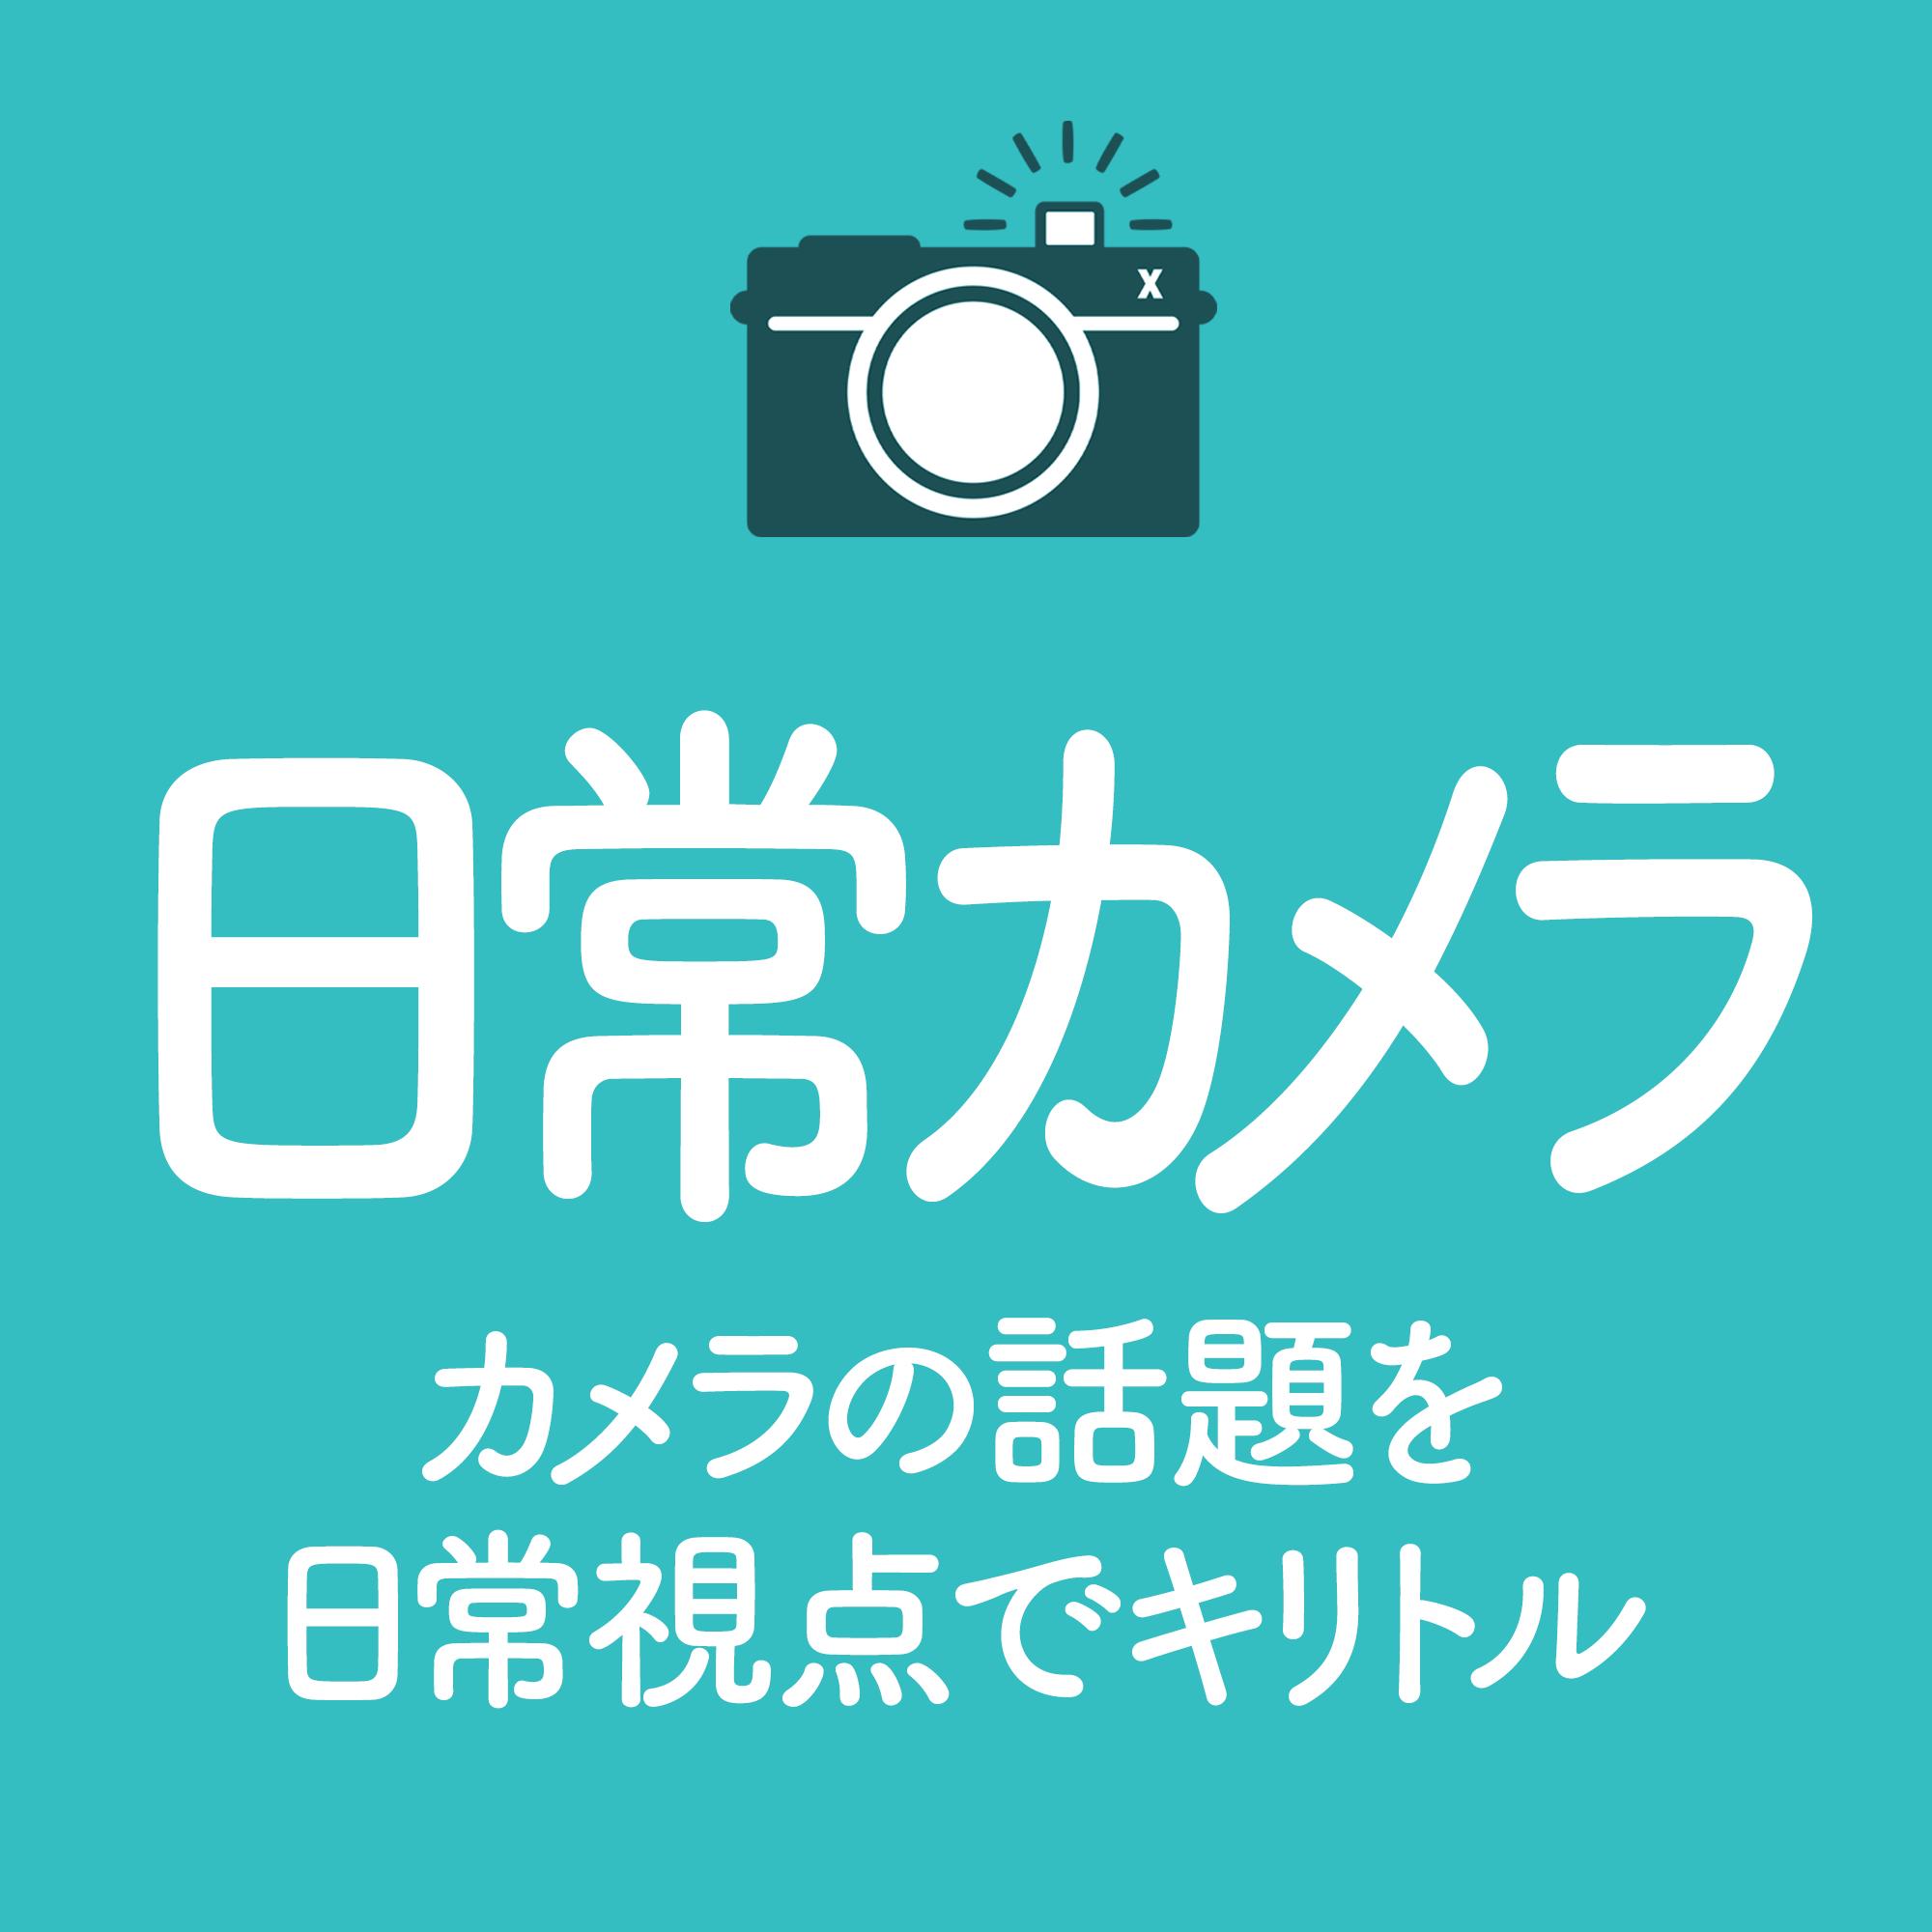 日常カメラ - カメラの話題を日常視点でキリトル